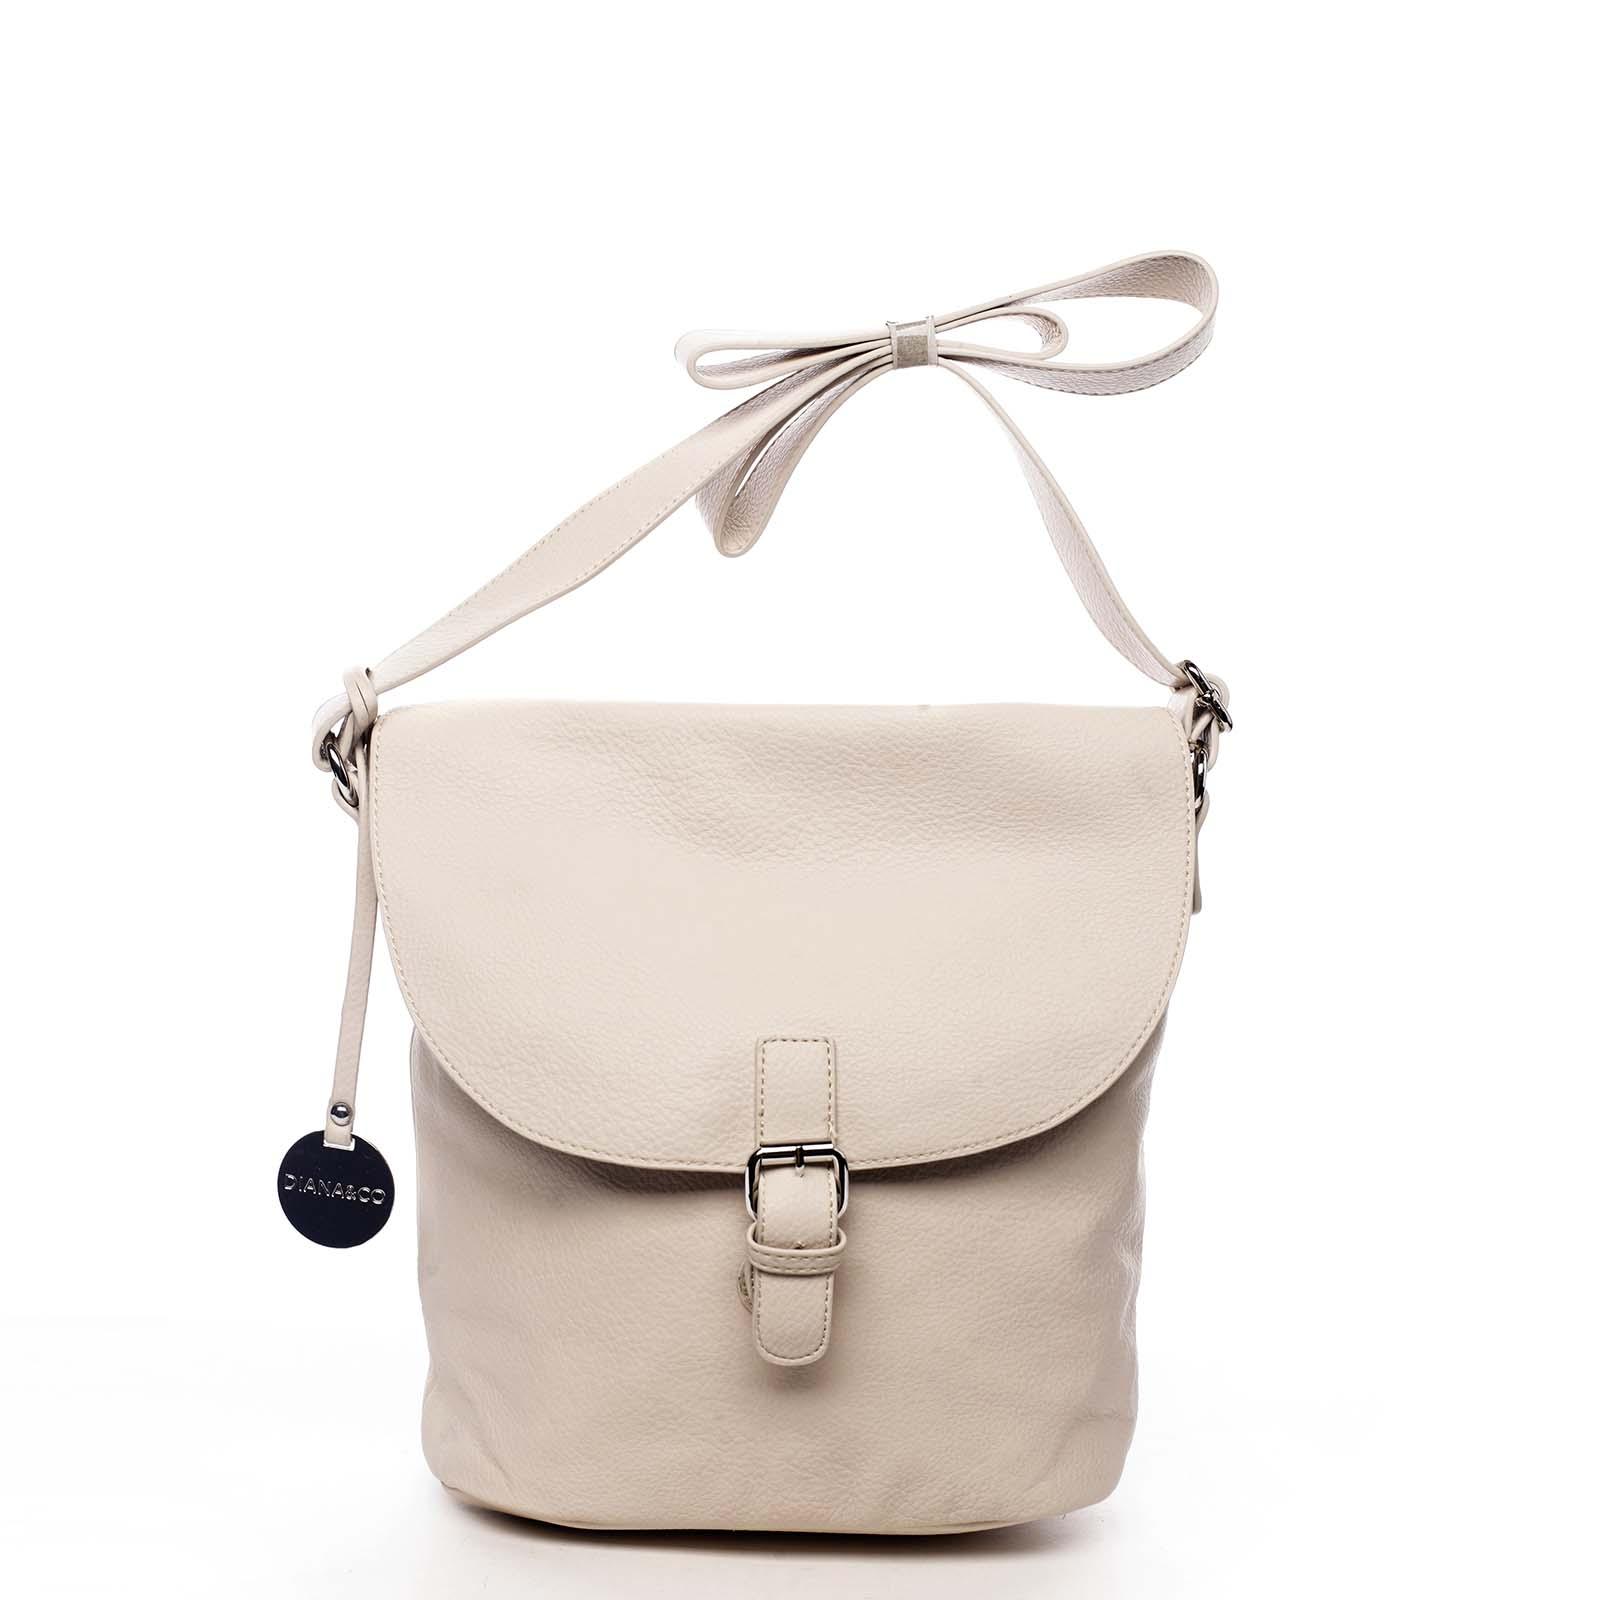 Dámska kabelka cez plece svetlobéžová - DIANA & CO Leilla